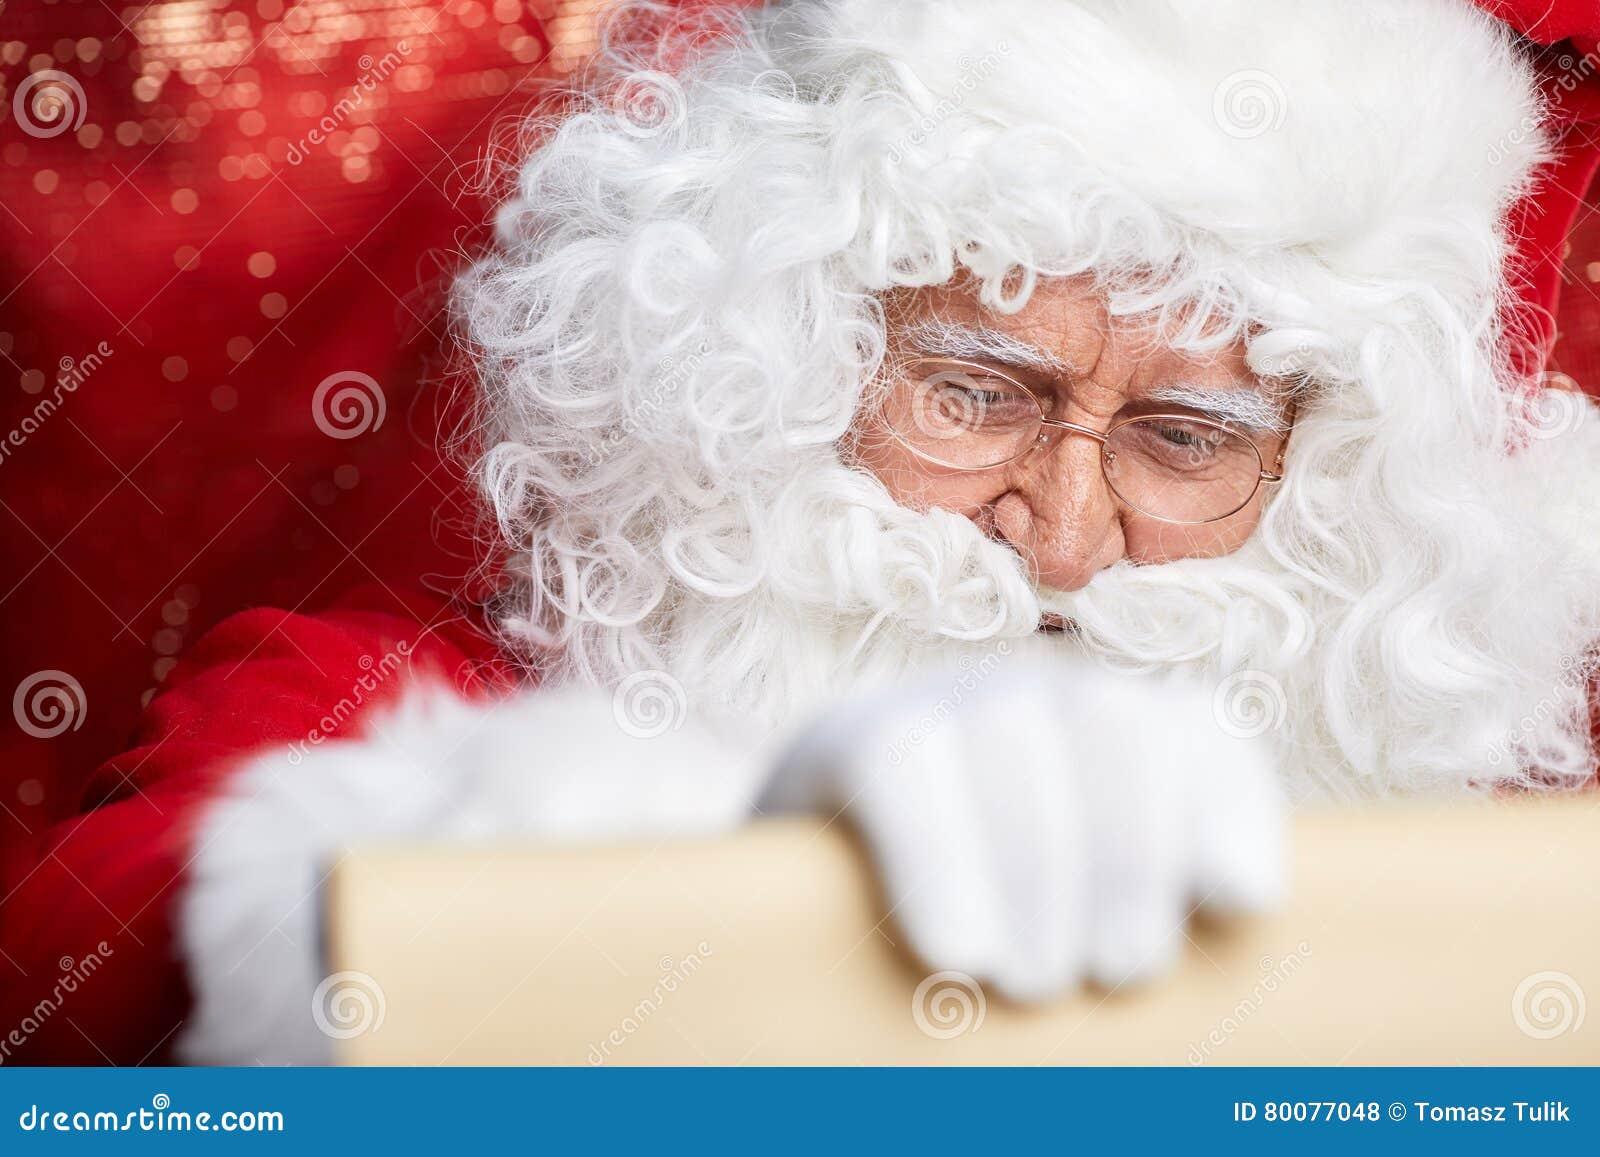 how to make a santa chair